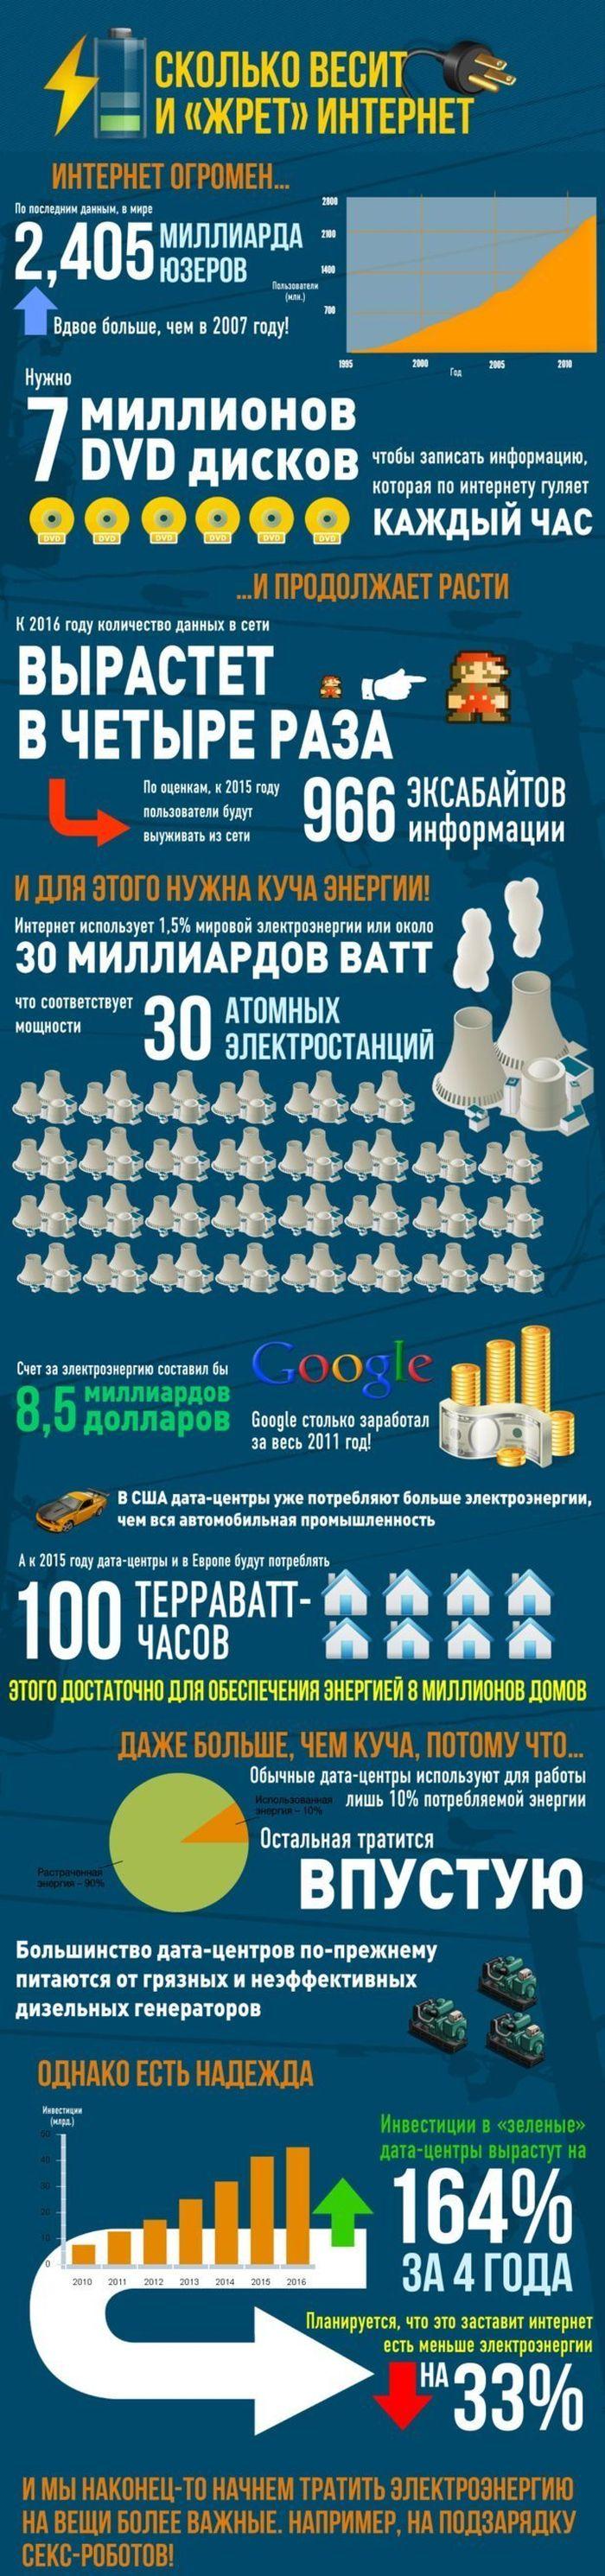 Сколько реально заработать в интернете